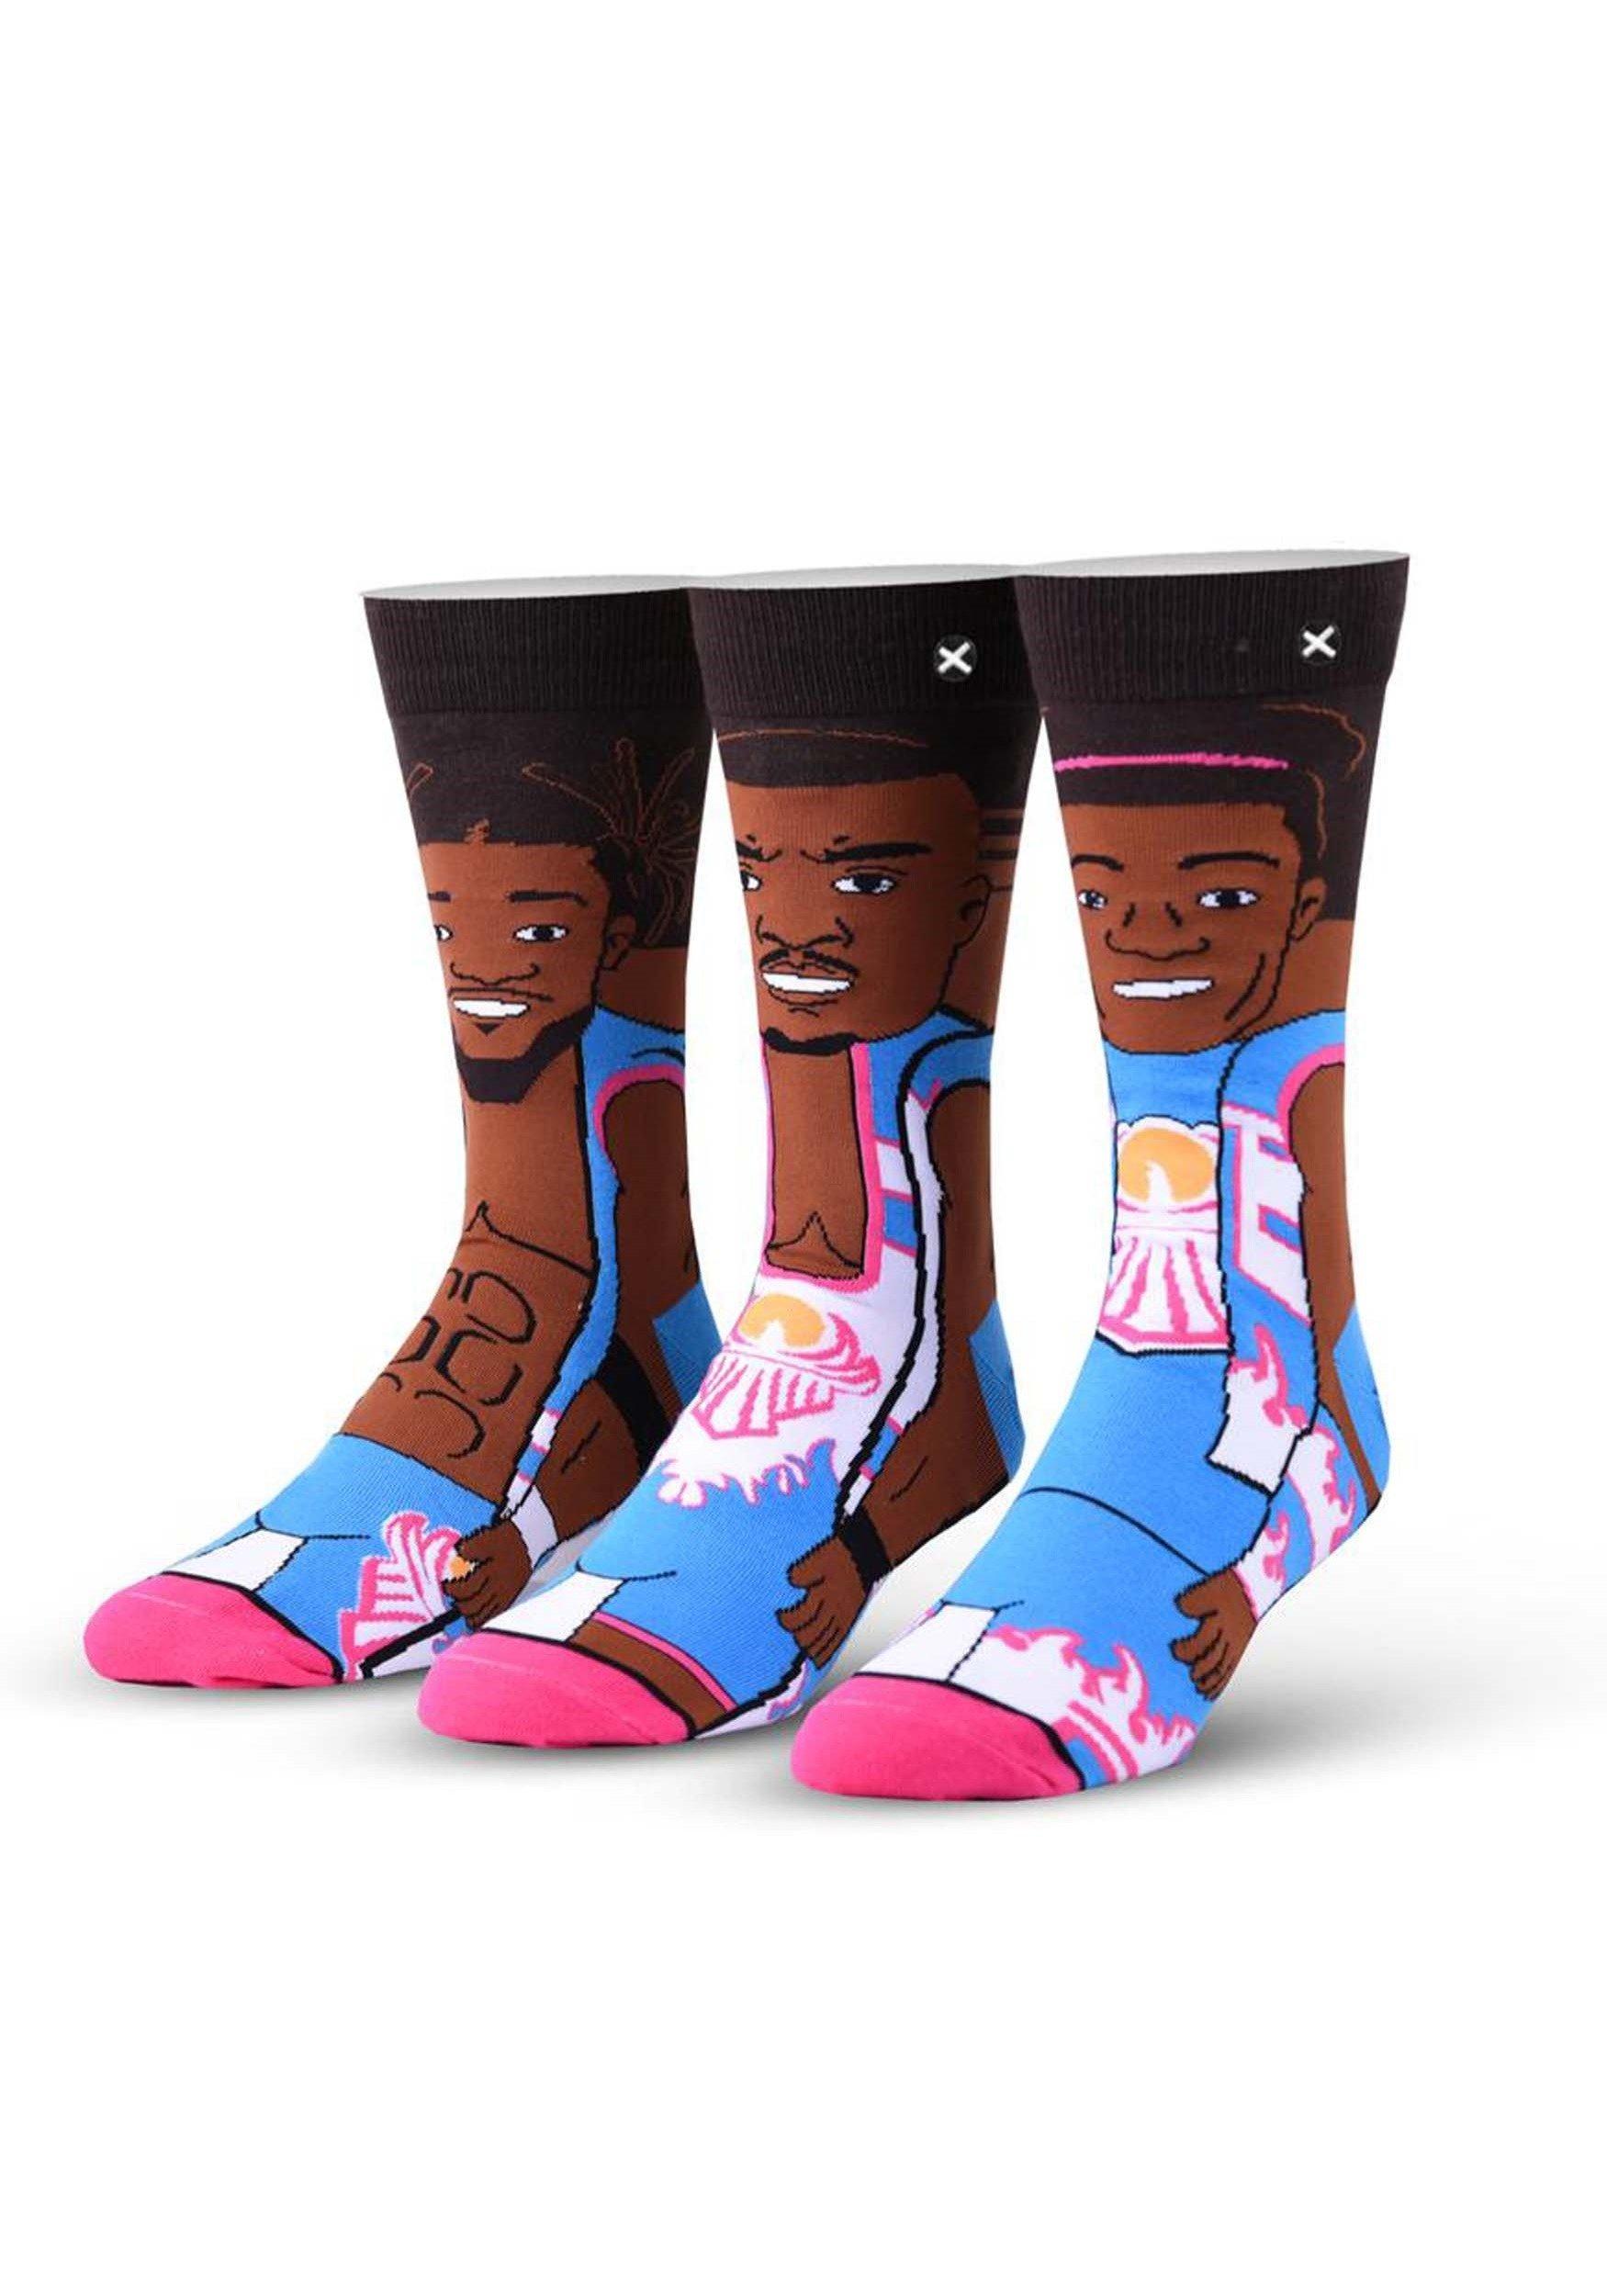 Odd Sox WWE New Day 360 Knit Socks Standard